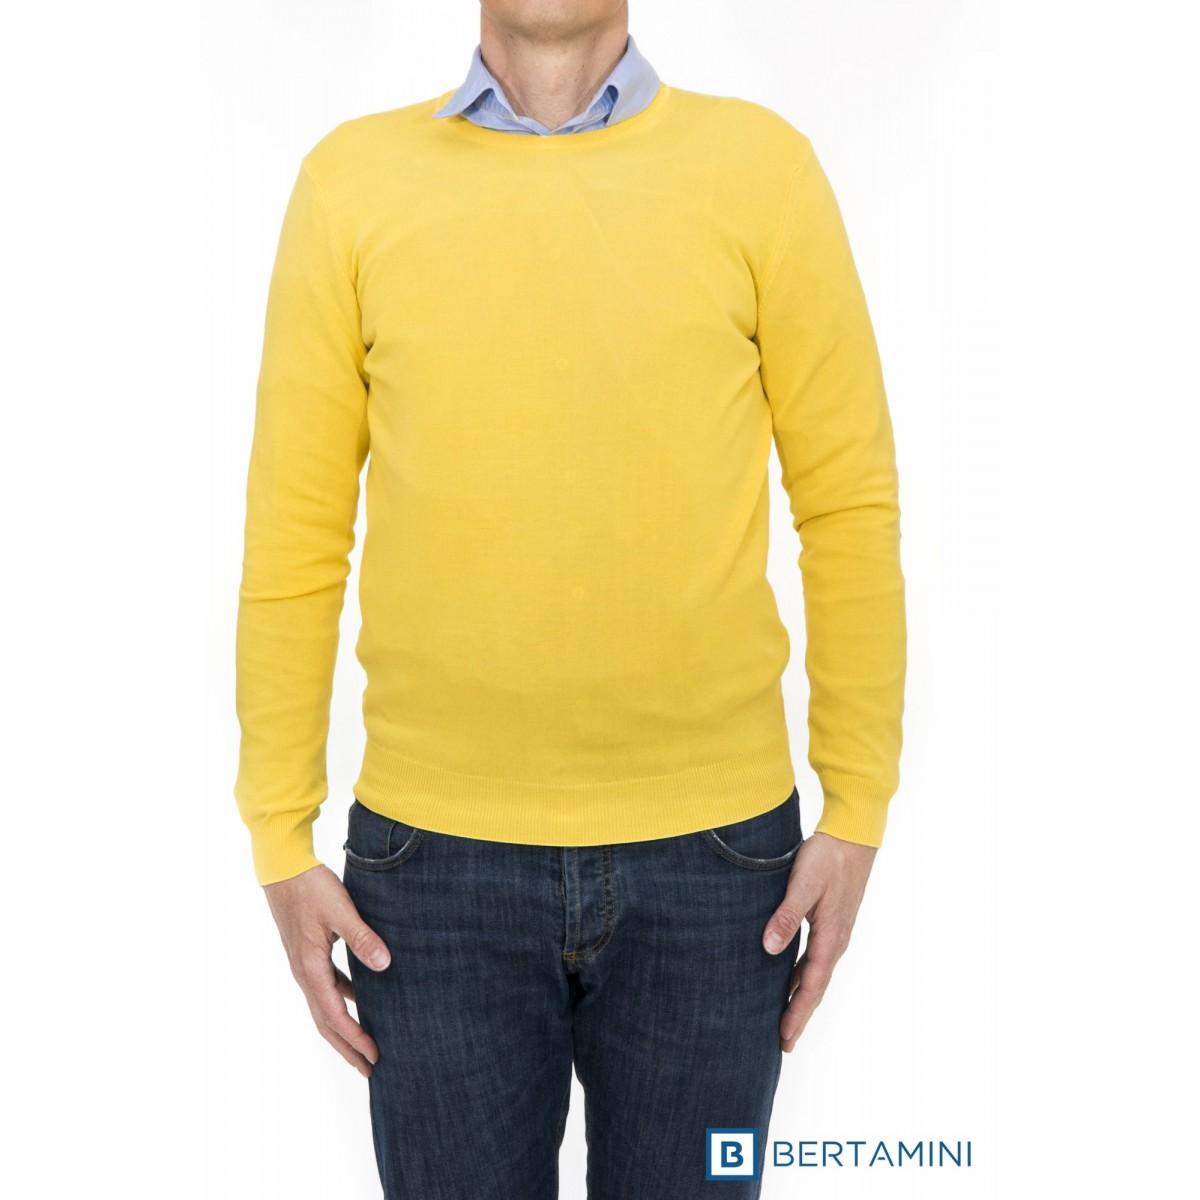 Maglia uomo Kangra - 1010/0101 maglia giro toppa in contrasto